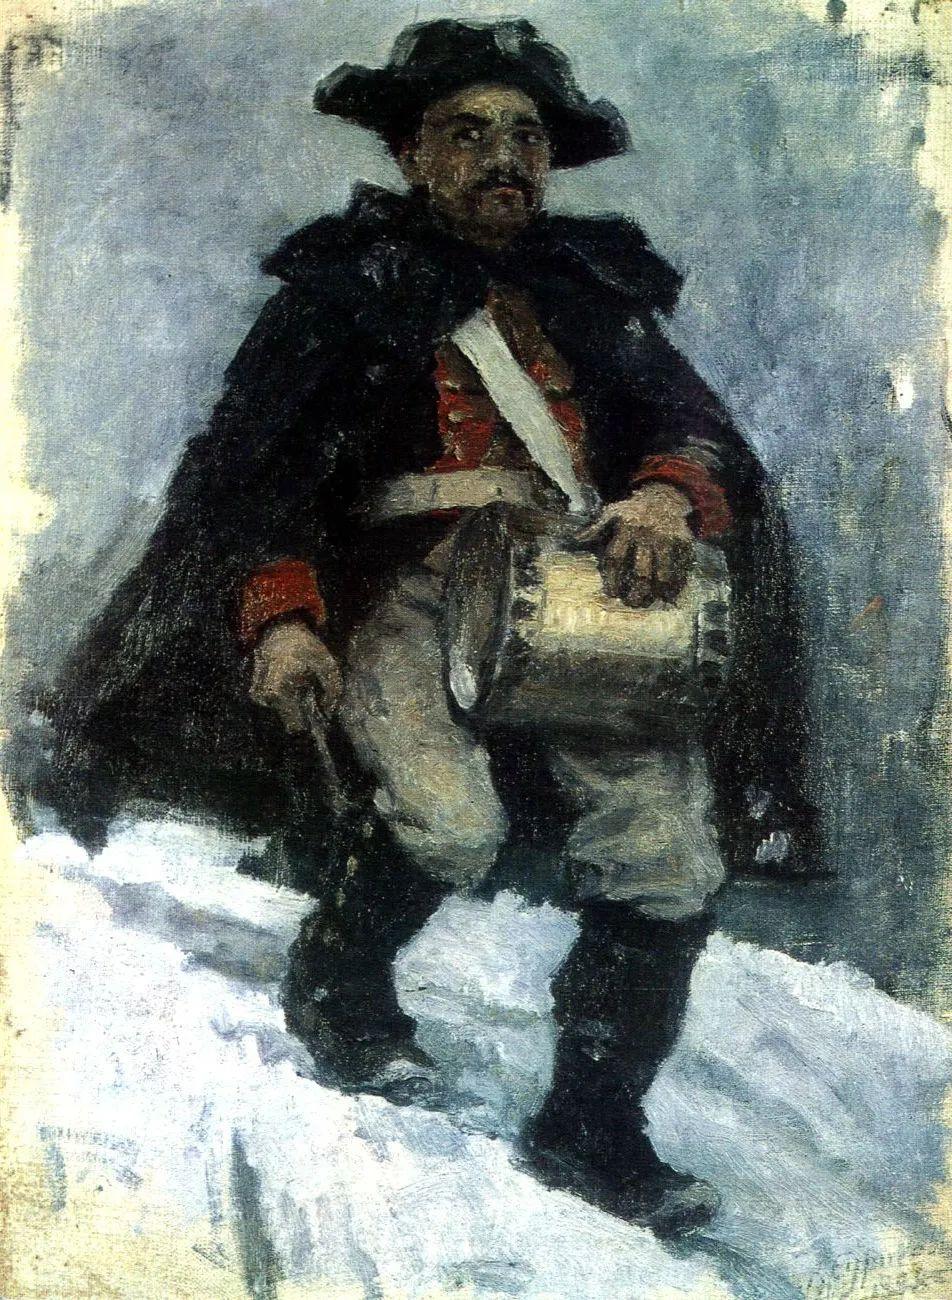 俄罗斯画坛先驱人物,瓦西里·苏里科夫人物作品选粹插图48